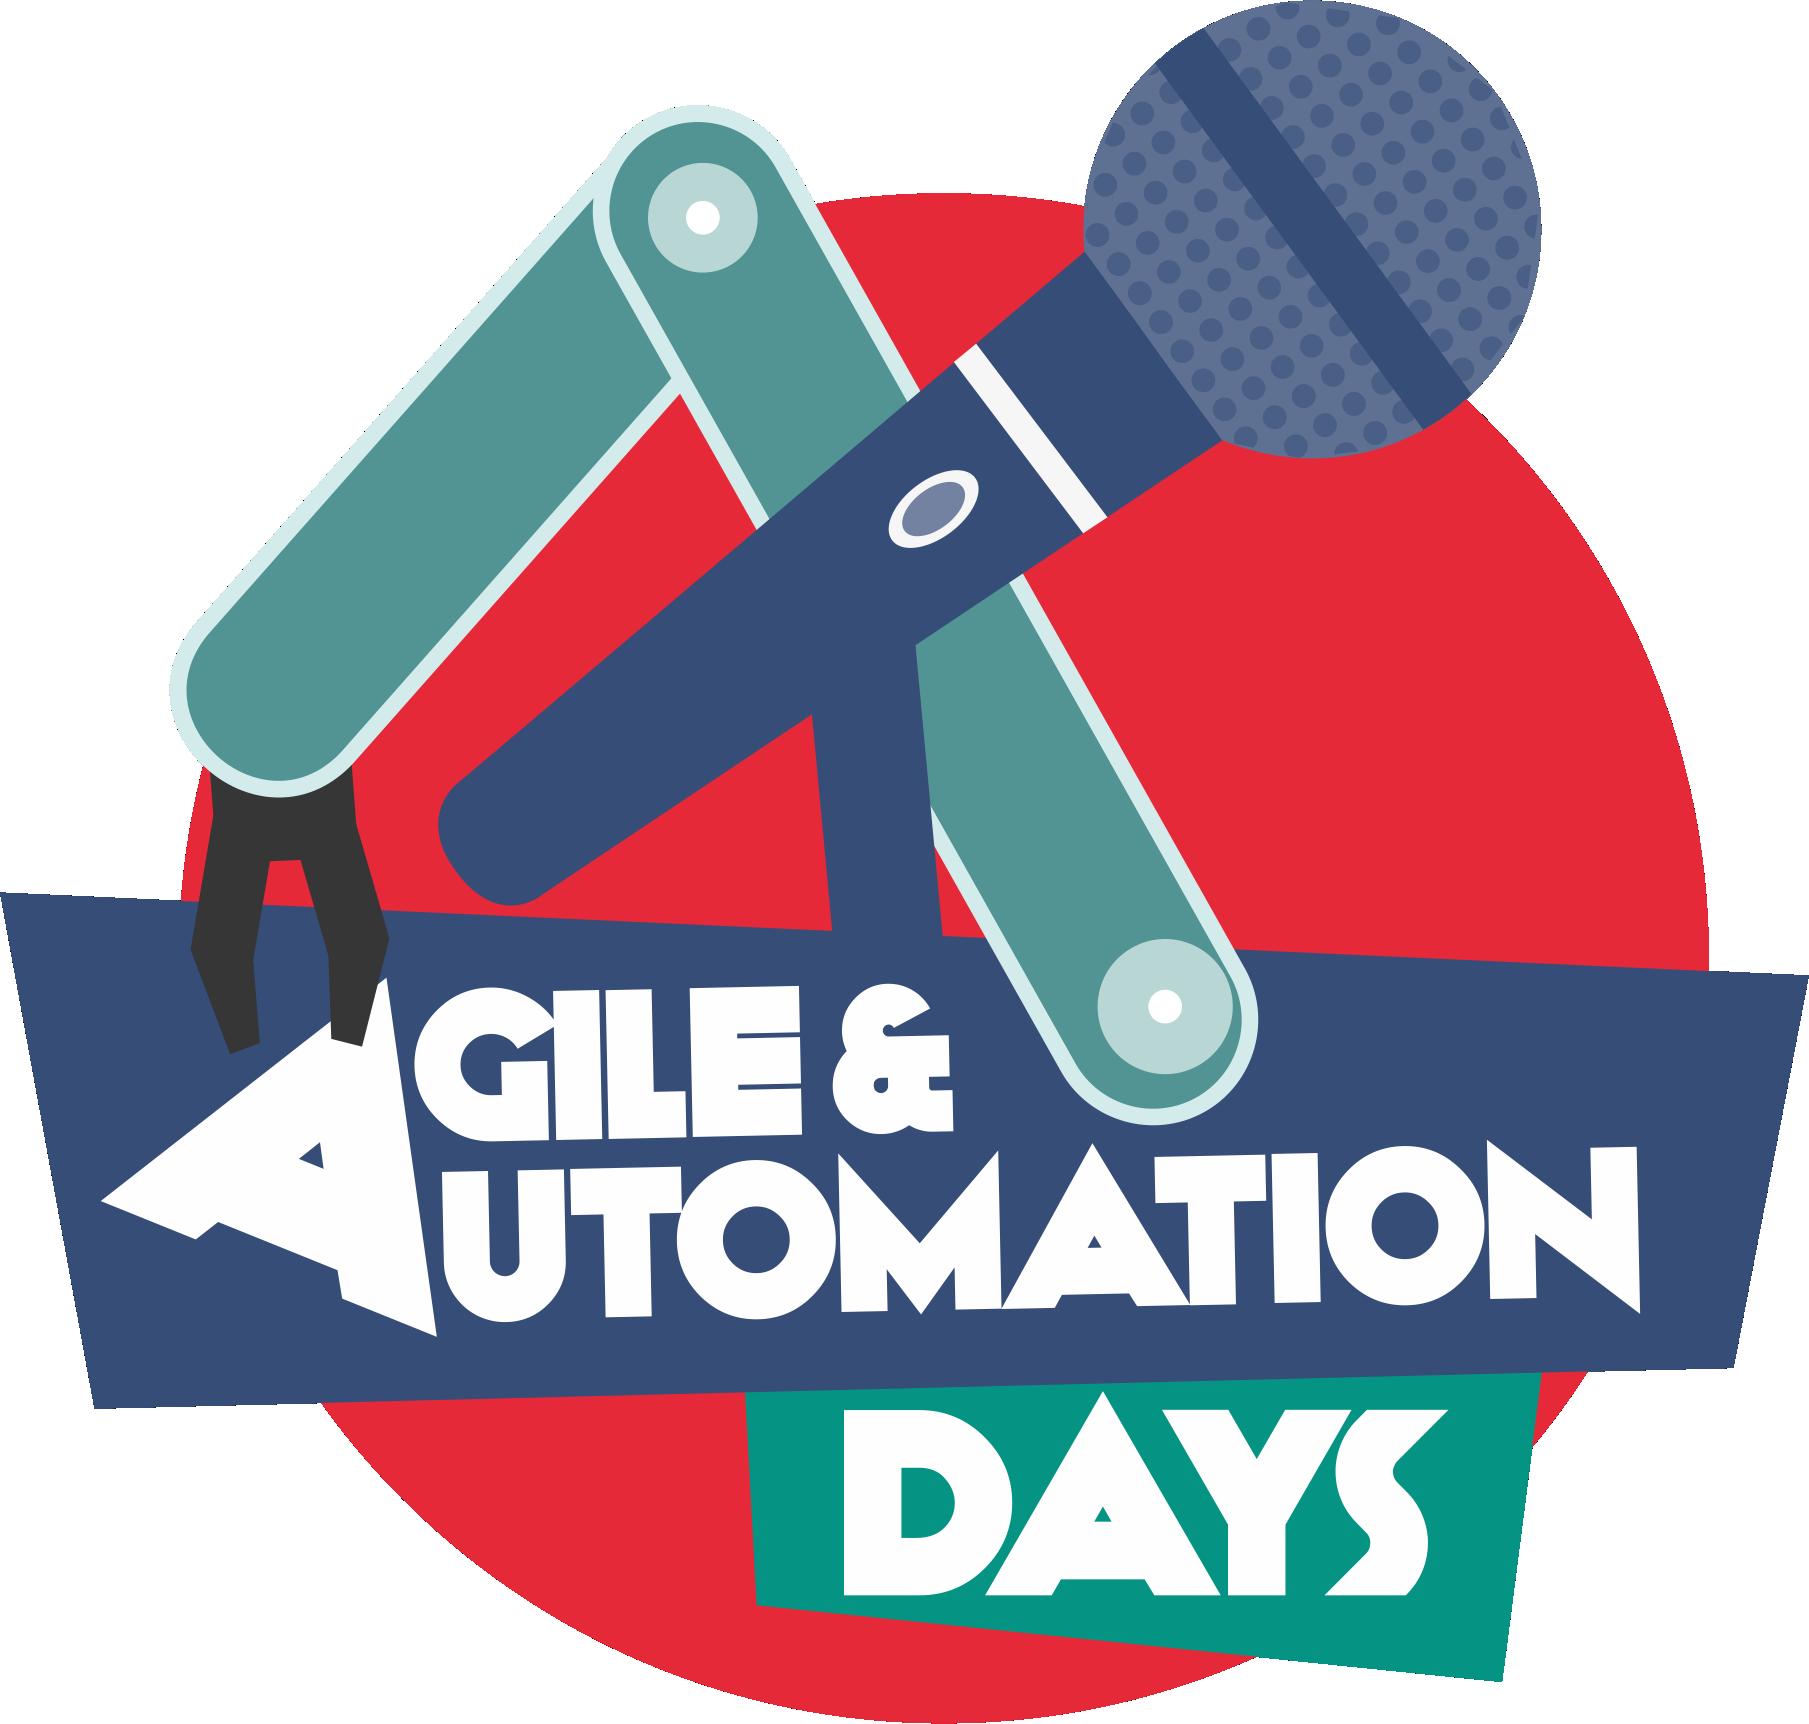 Agile & Automation Days